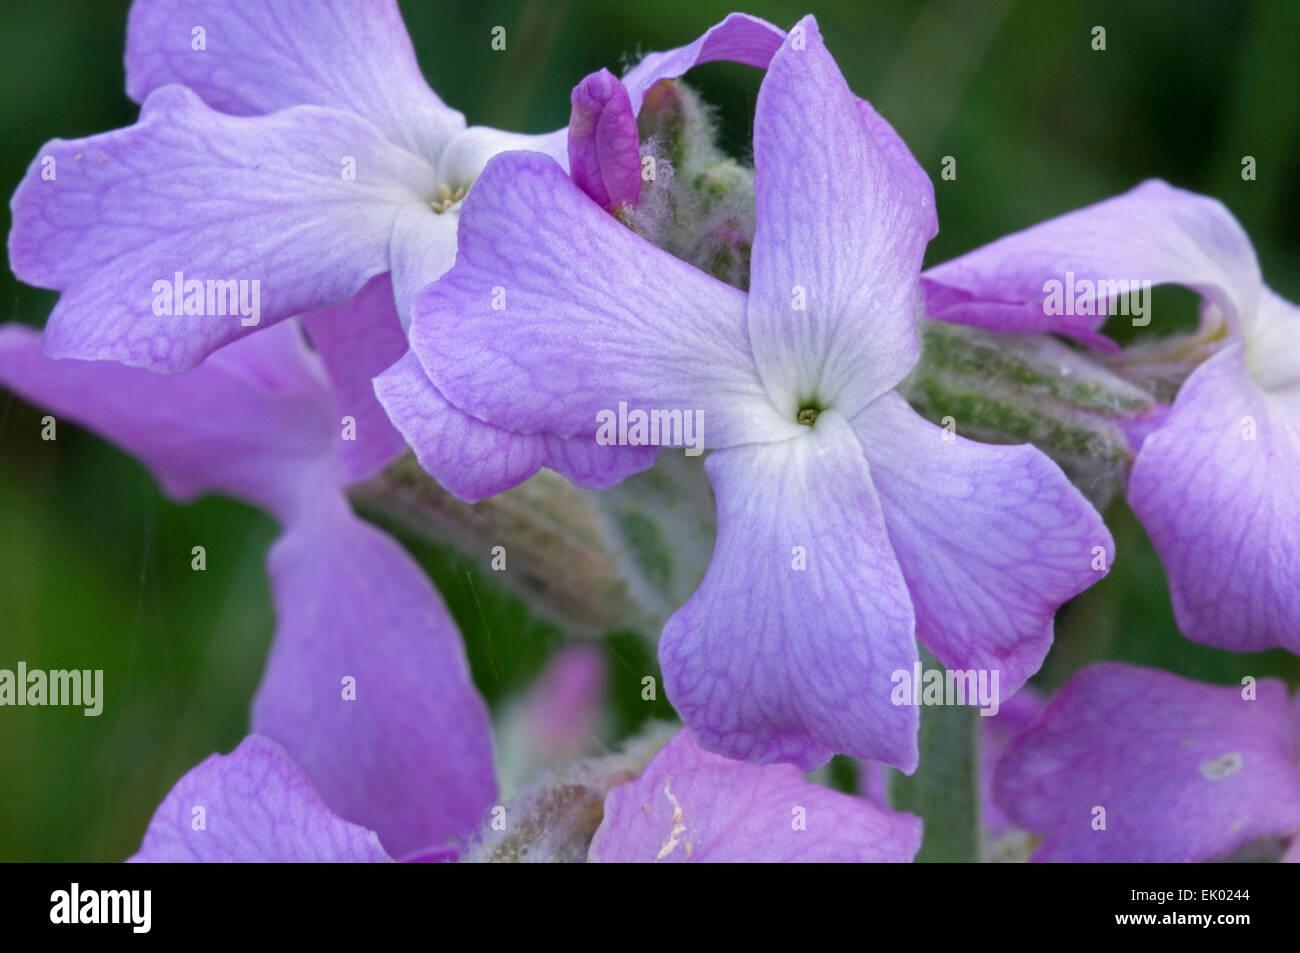 Sea stock (Matthiola sinuata / Cheiranthus muricatus) in flower - Stock Image